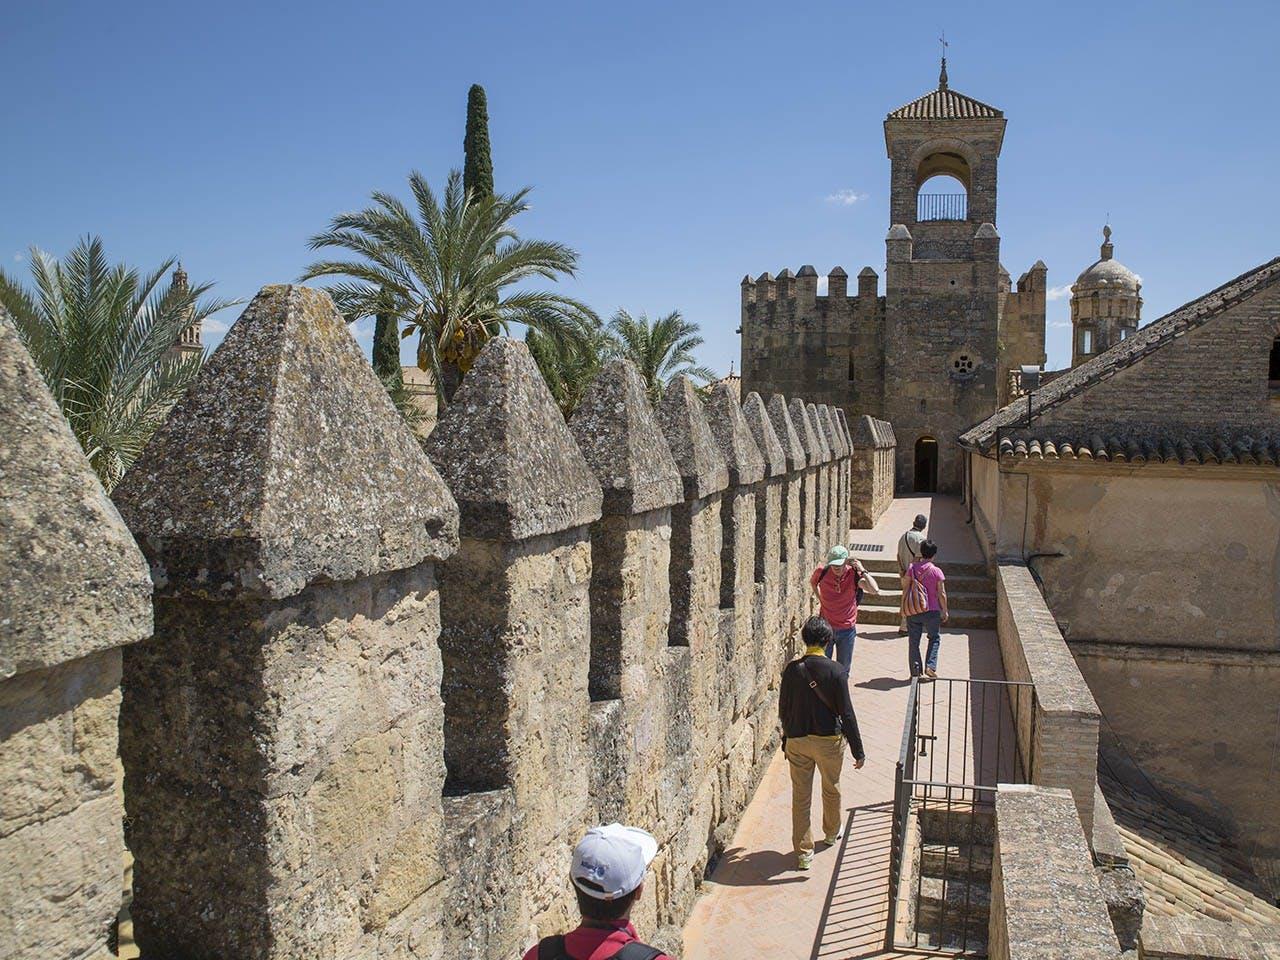 Visita guiada al Alcázar de los Reyes Cristianos de Córdoba-1